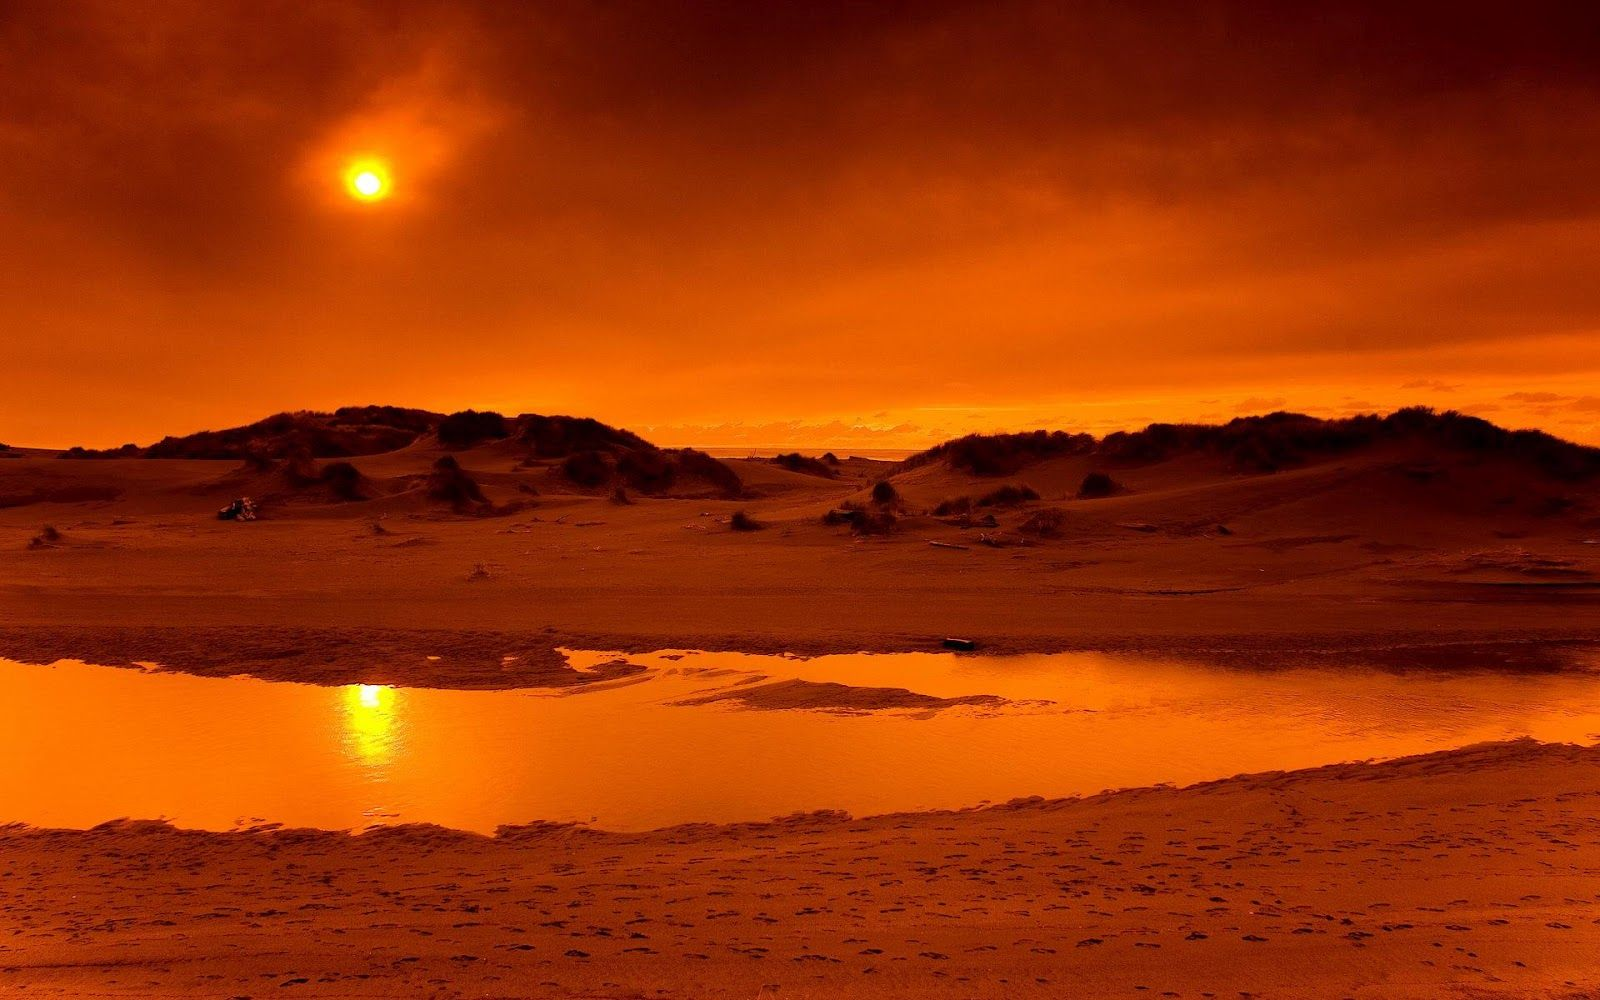 So Hot In Hurr Landscape Wallpaper Beautiful Landscape Wallpaper Sunset Landscape